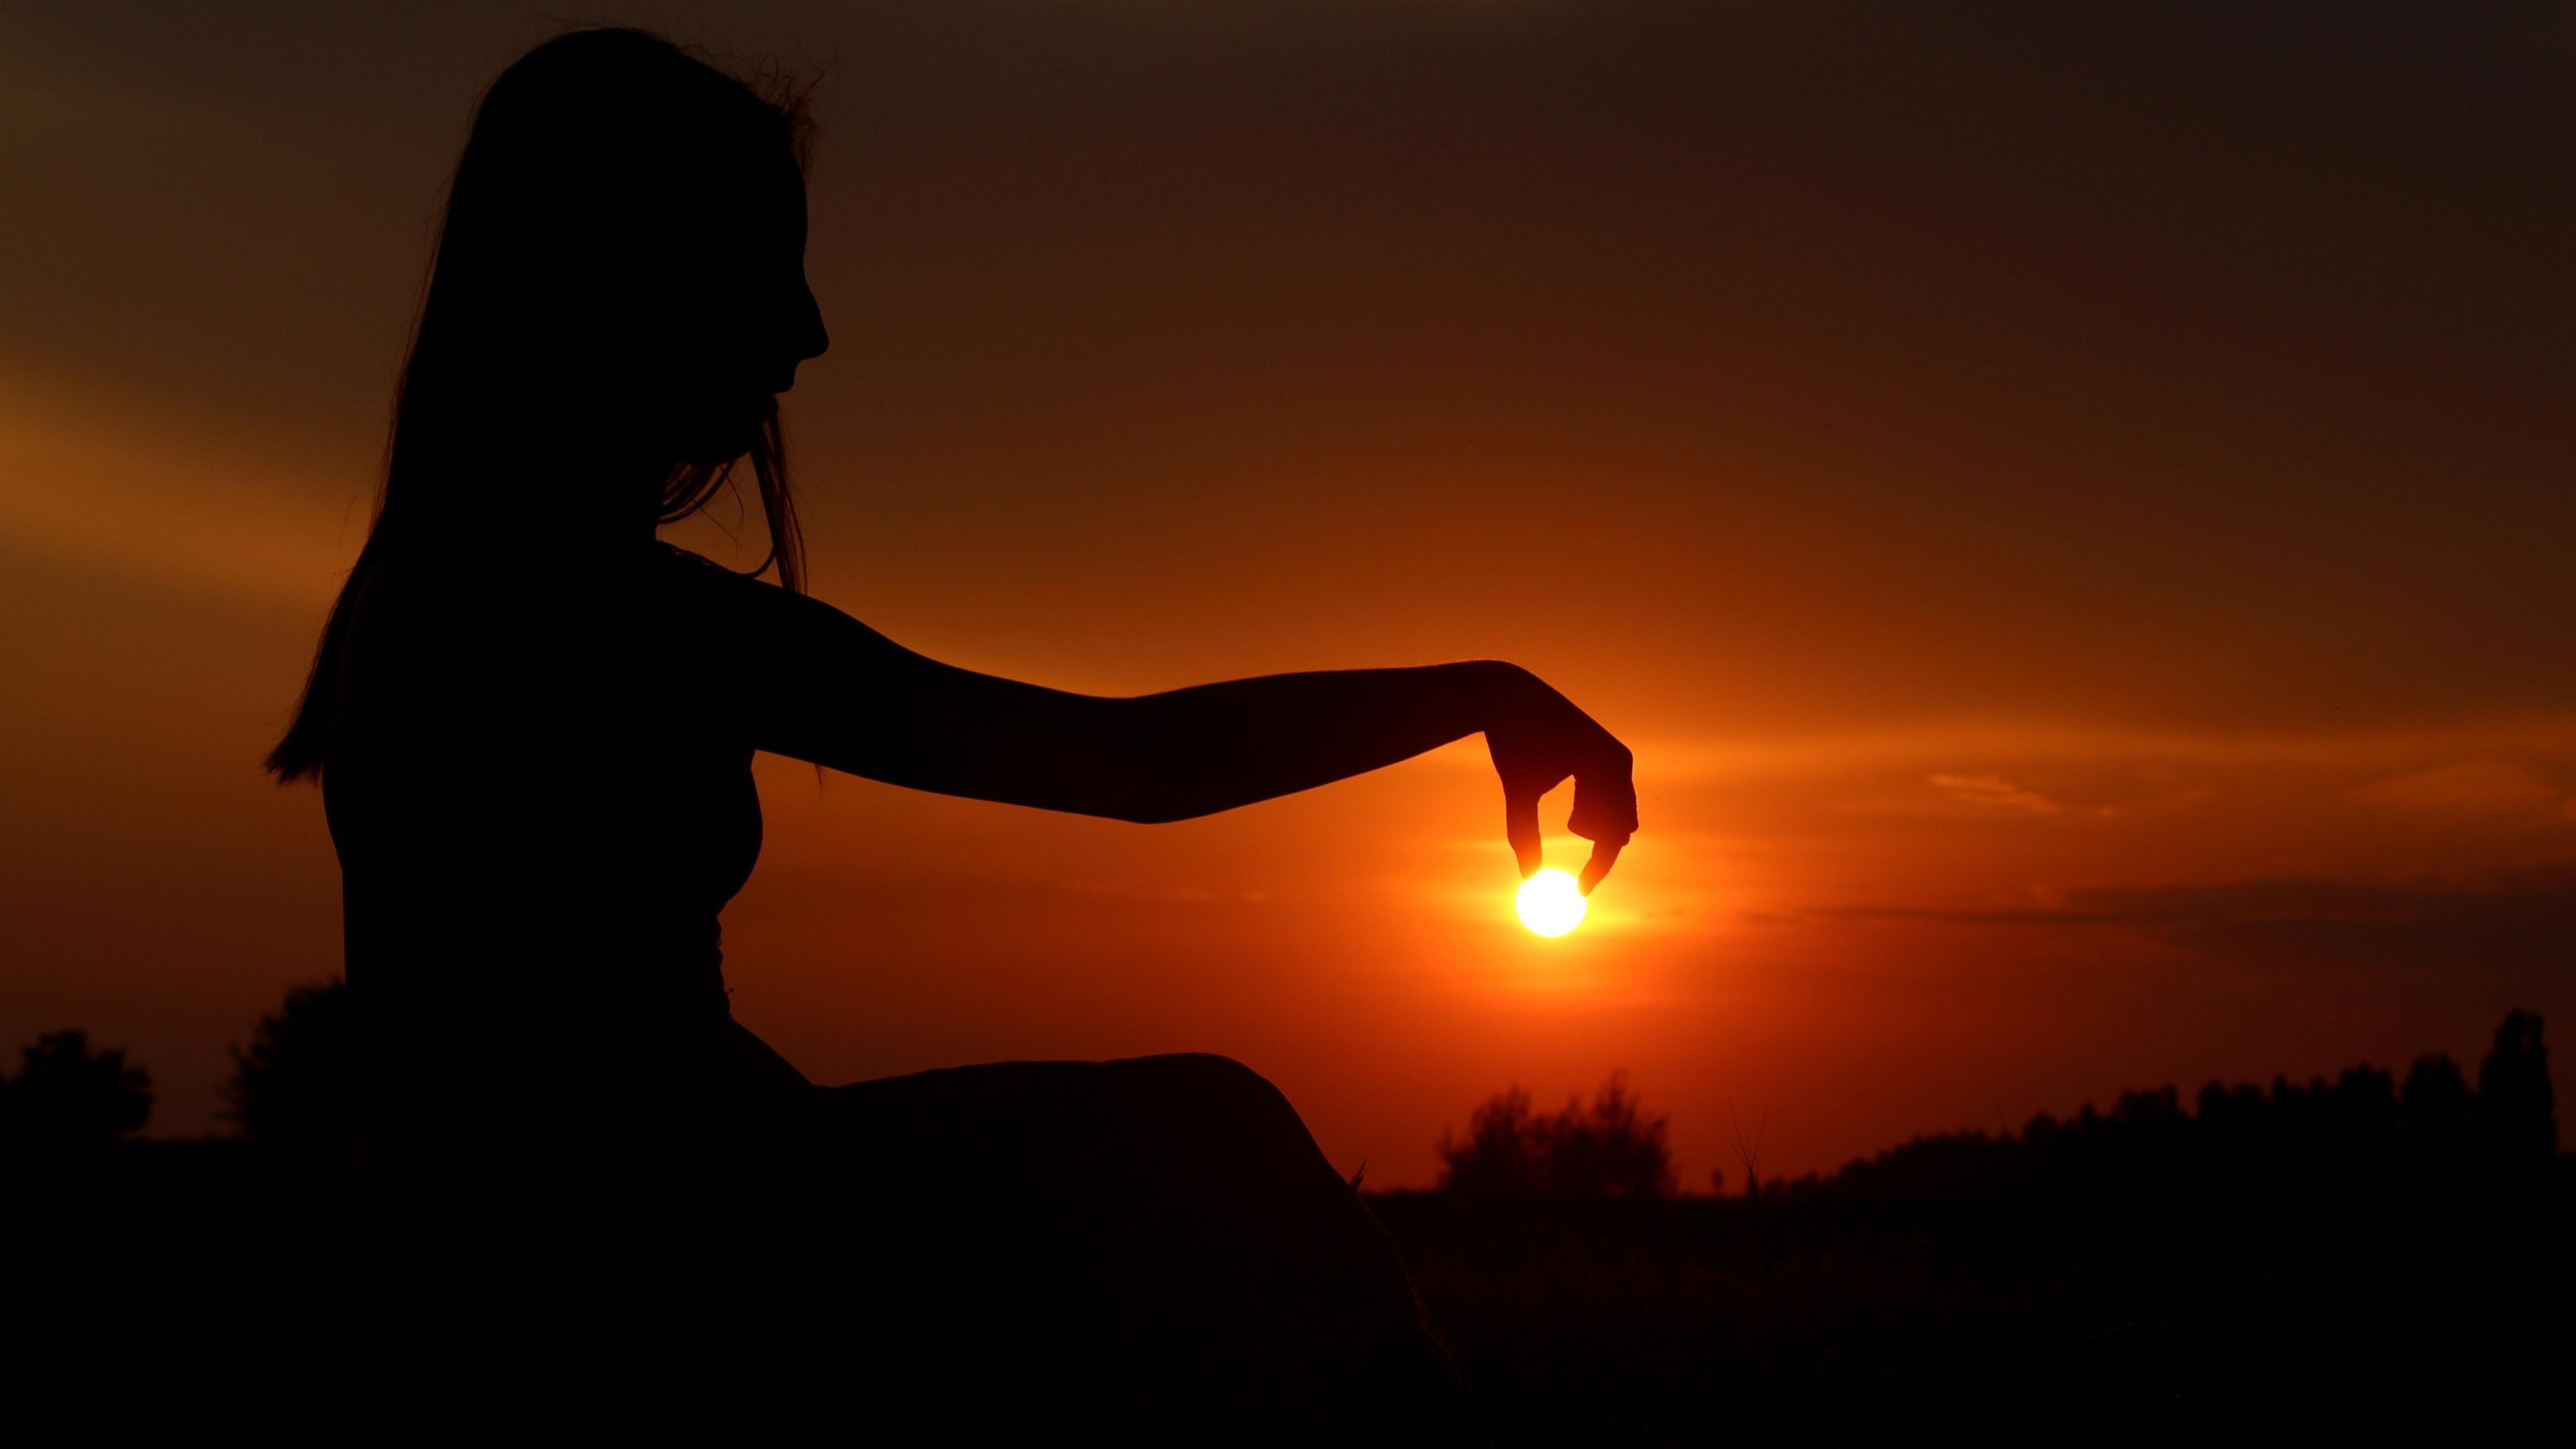 Фотография Силуэт солнца девушка Рассветы и закаты Руки Вечер сидящие 3840x2160 силуэты силуэта Солнце Девушки молодые женщины молодая женщина рассвет и закат рука сидя Сидит